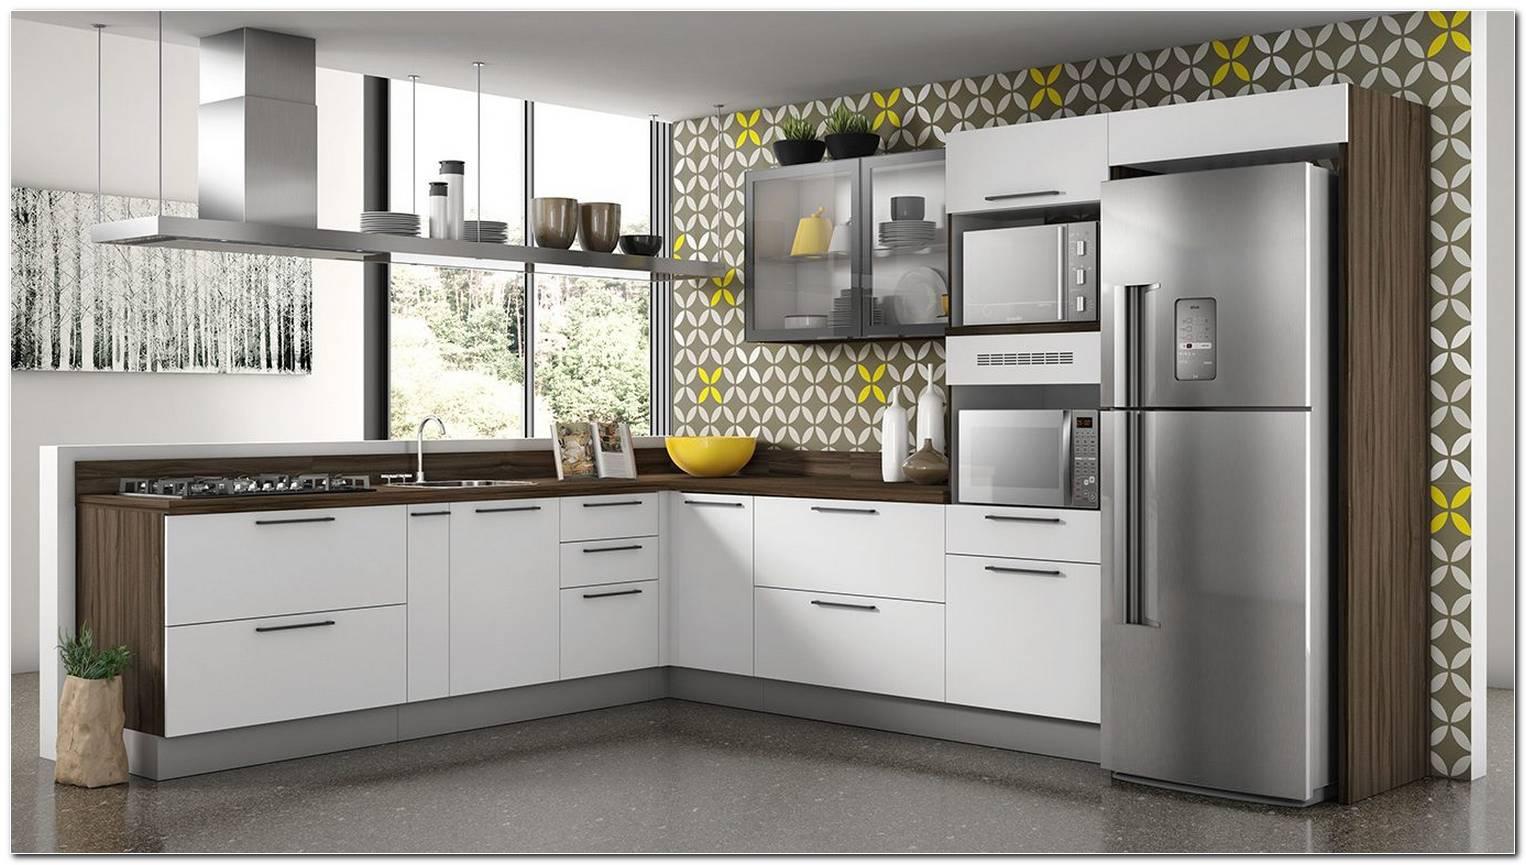 Fotos De Cozinhas Modernas Itatiaia